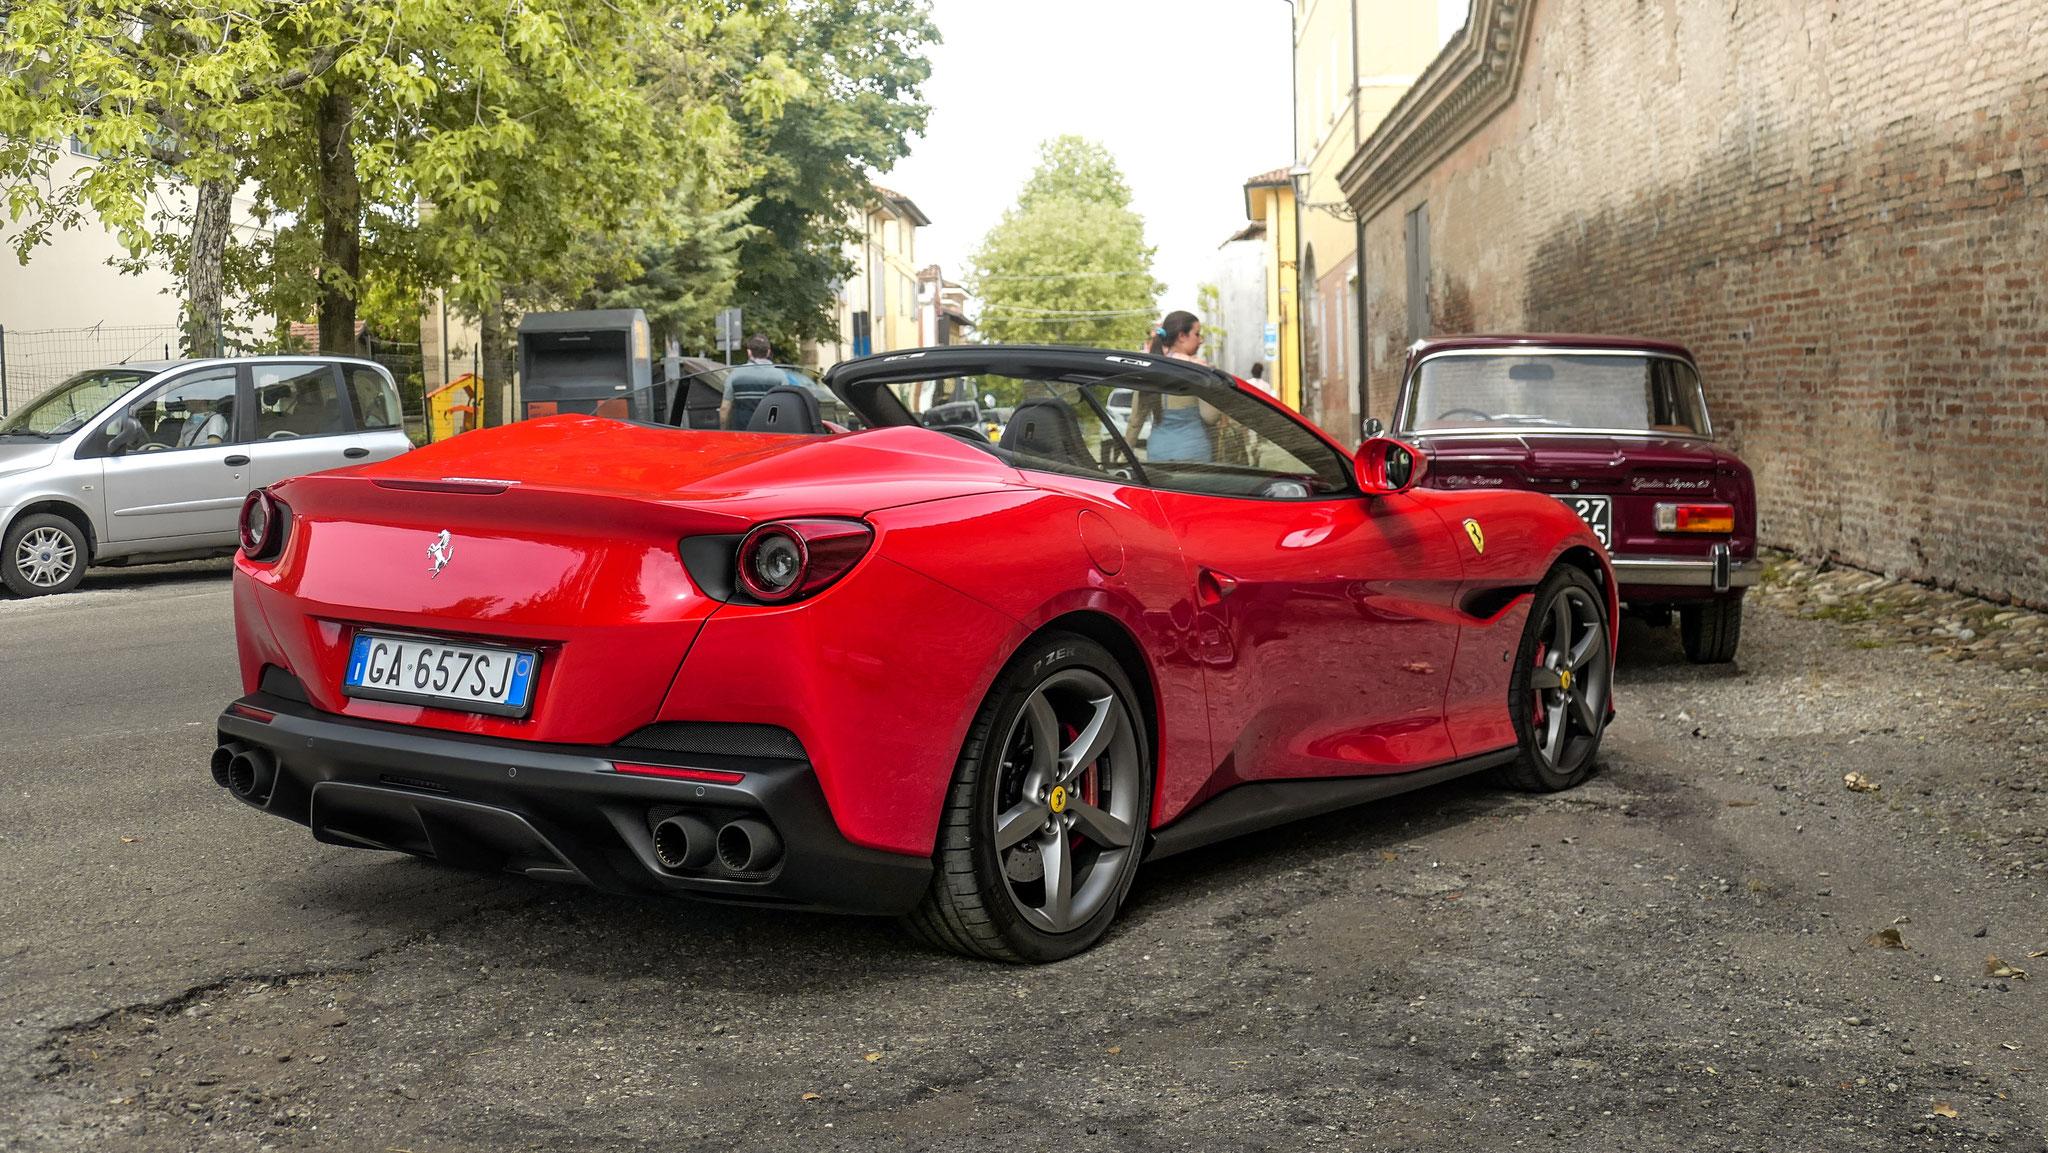 Ferrari Portofino - GA-657-SJ (ITA)